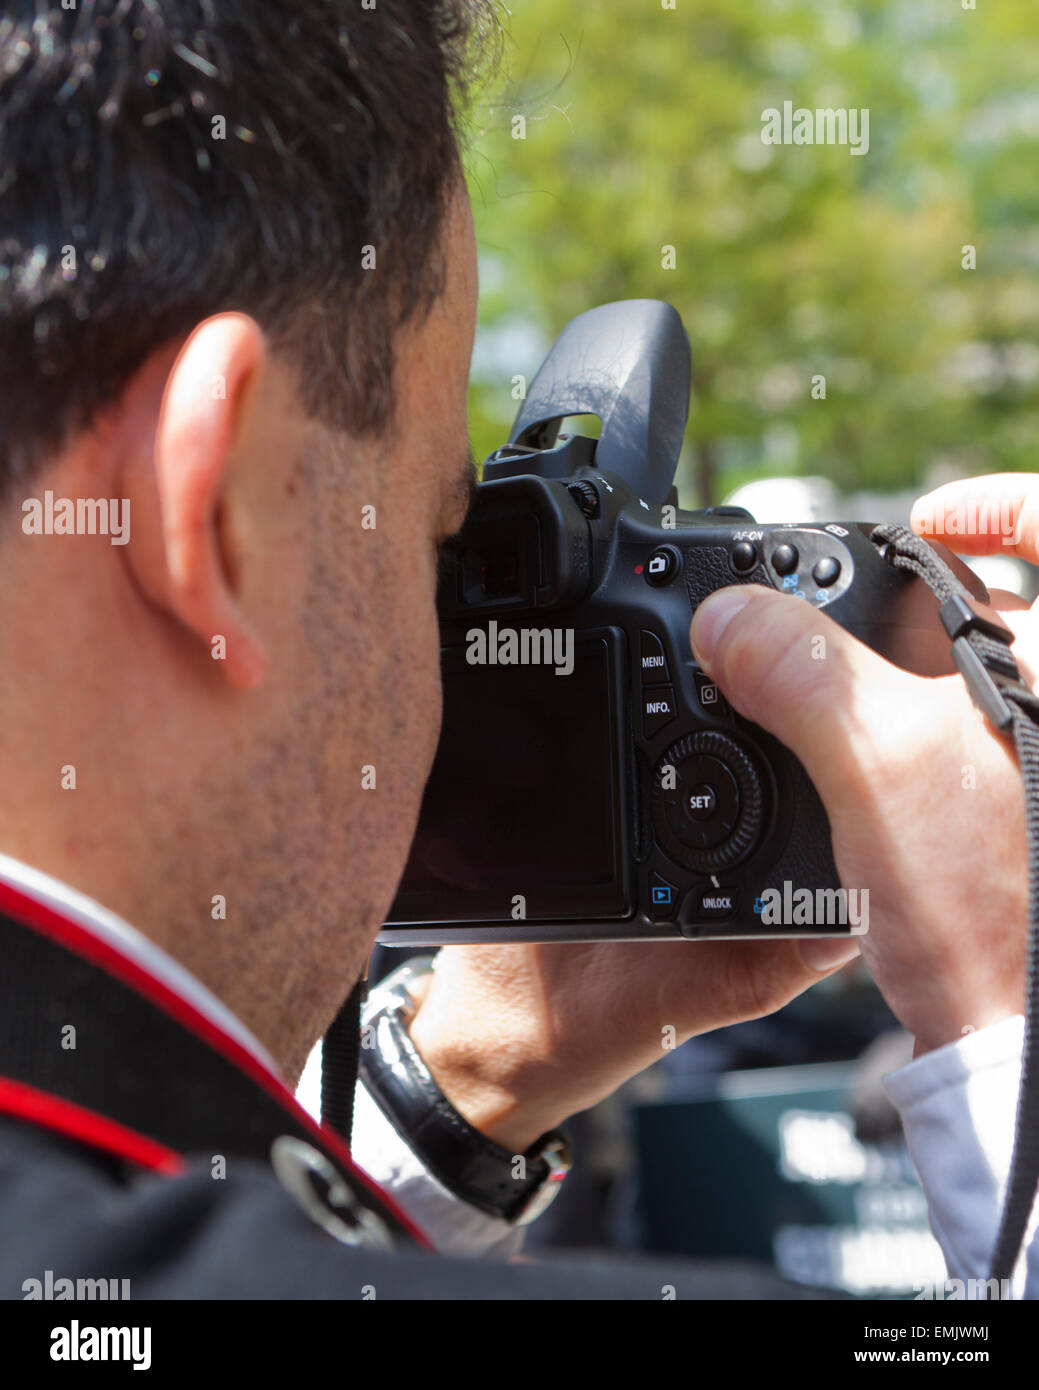 Uomo che guarda attraverso il mirino della fotocamera dSLR - USA Immagini Stock